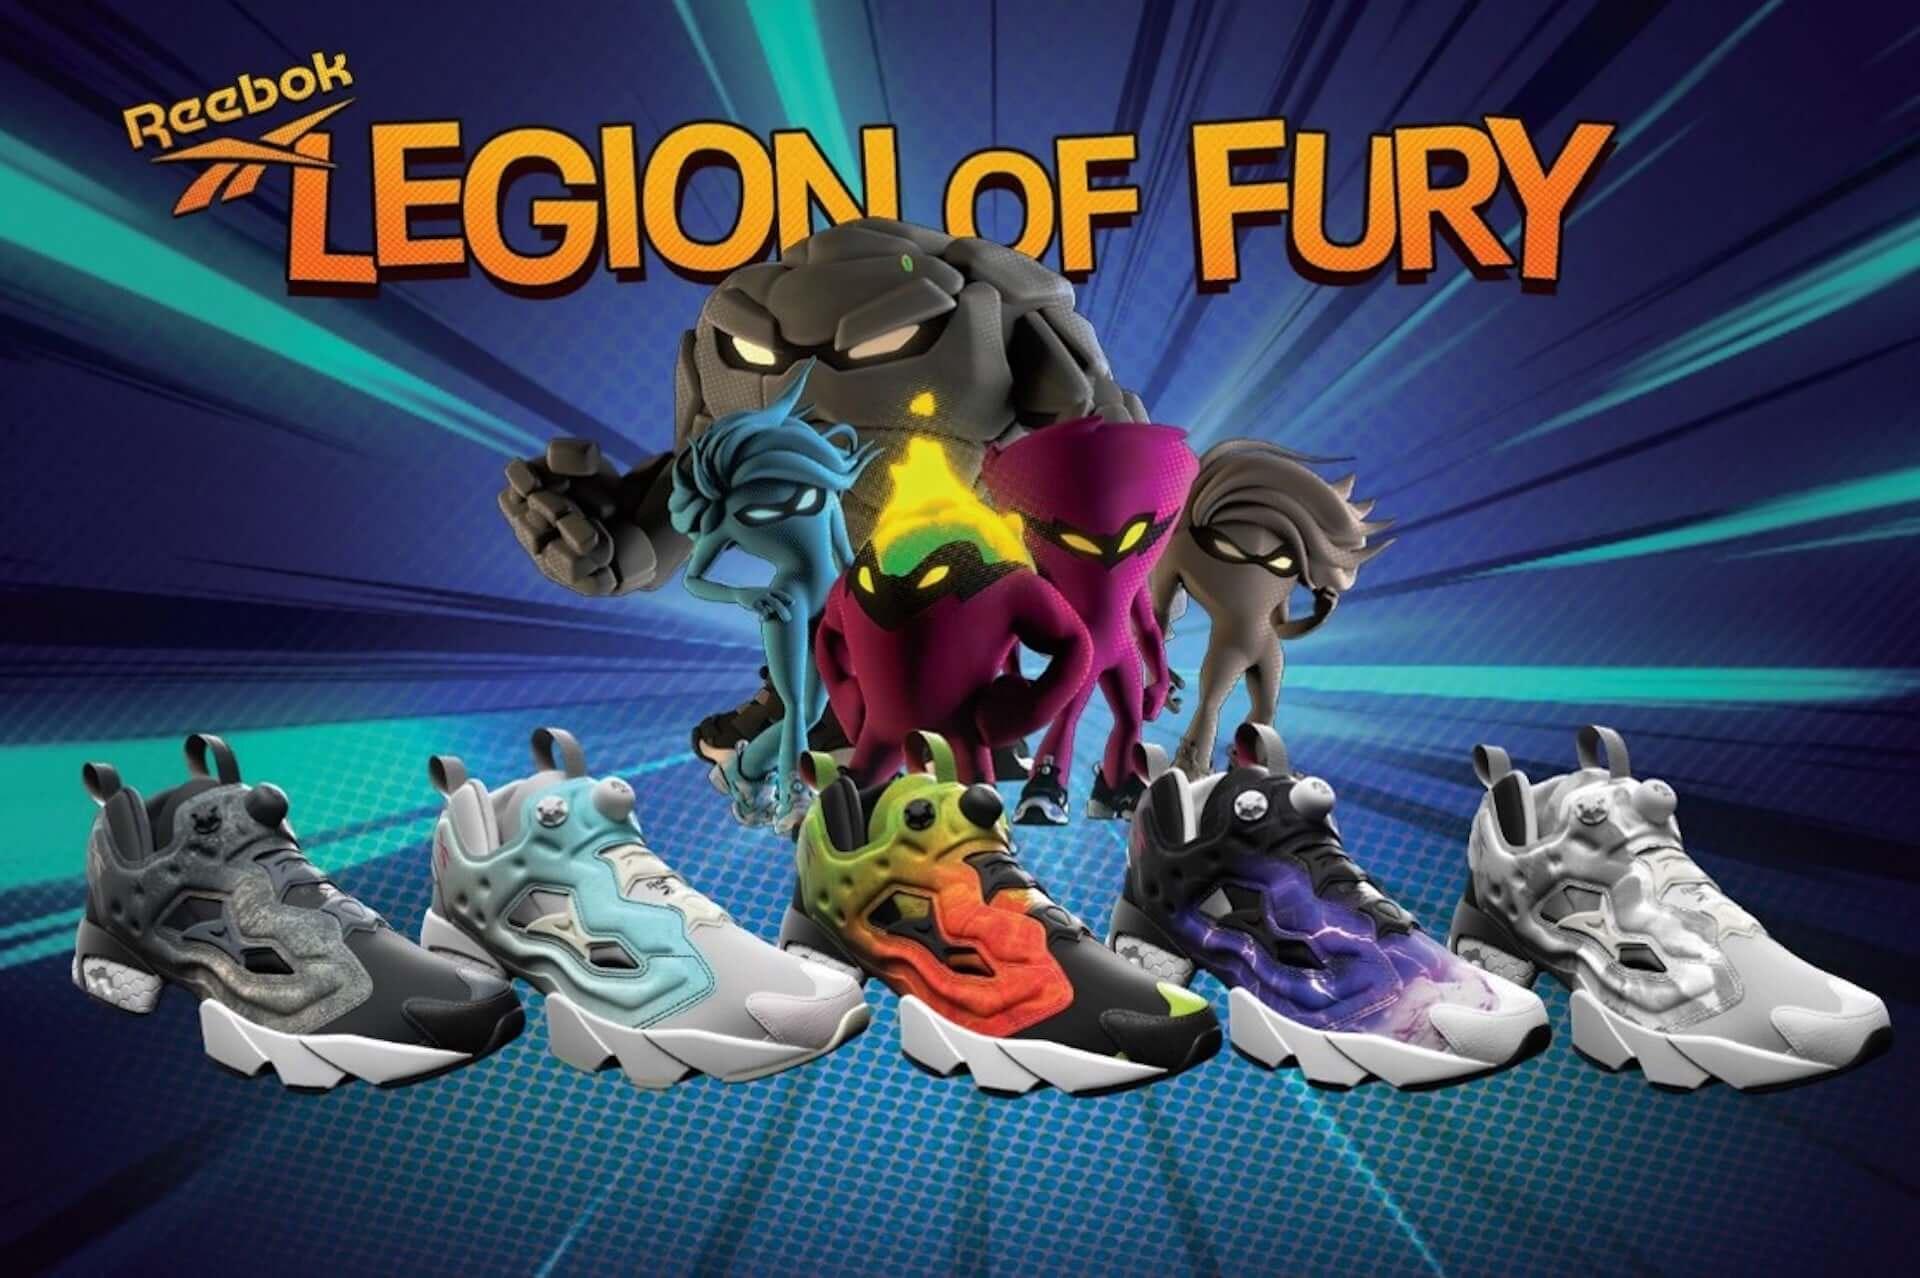 リーボック「INSTAPUMP FURY」の最新コレクション「LEGION OF FURY」が発売決定!未発表キャラクターが25年越しに初公開 lf200929_reebok_20-1920x1278